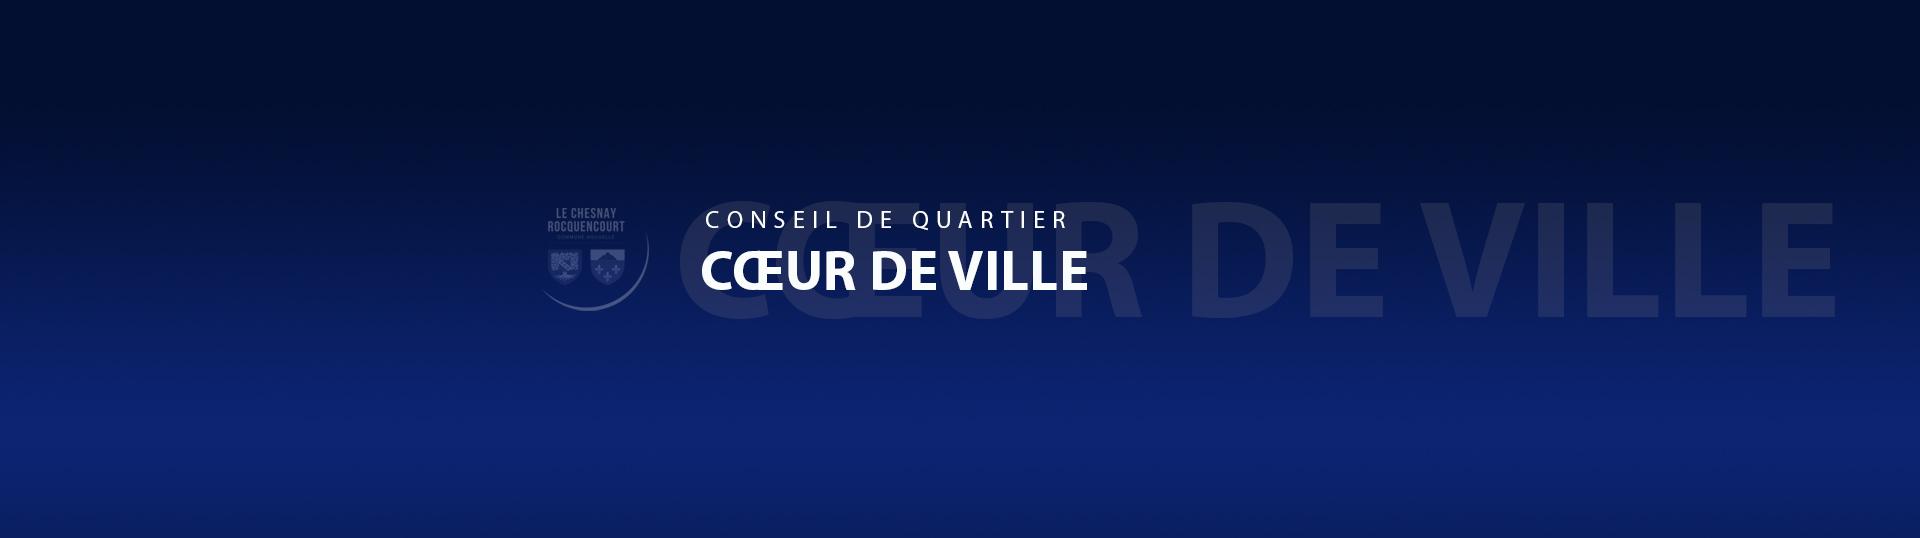 CDQ Coeur de ville